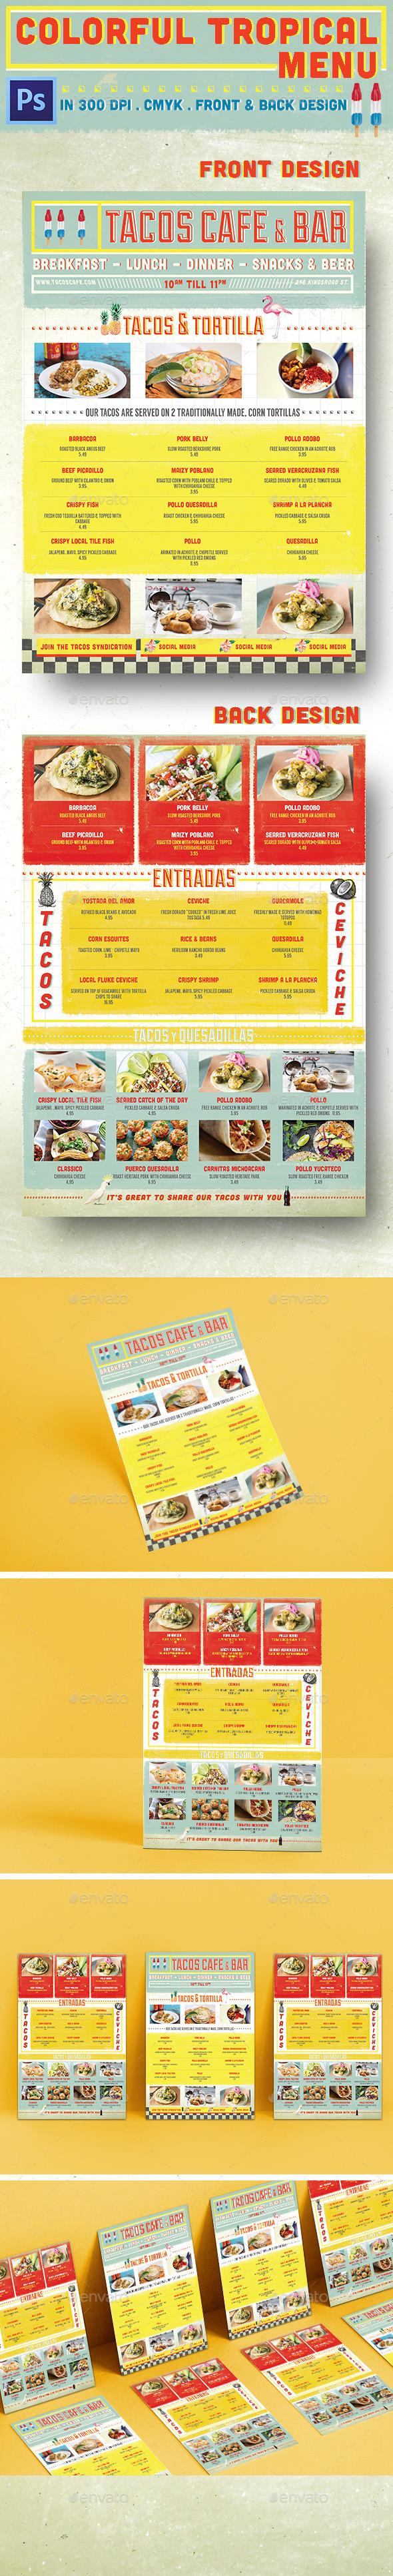 Colorful Tropical Menu - Food Menus Print Templates